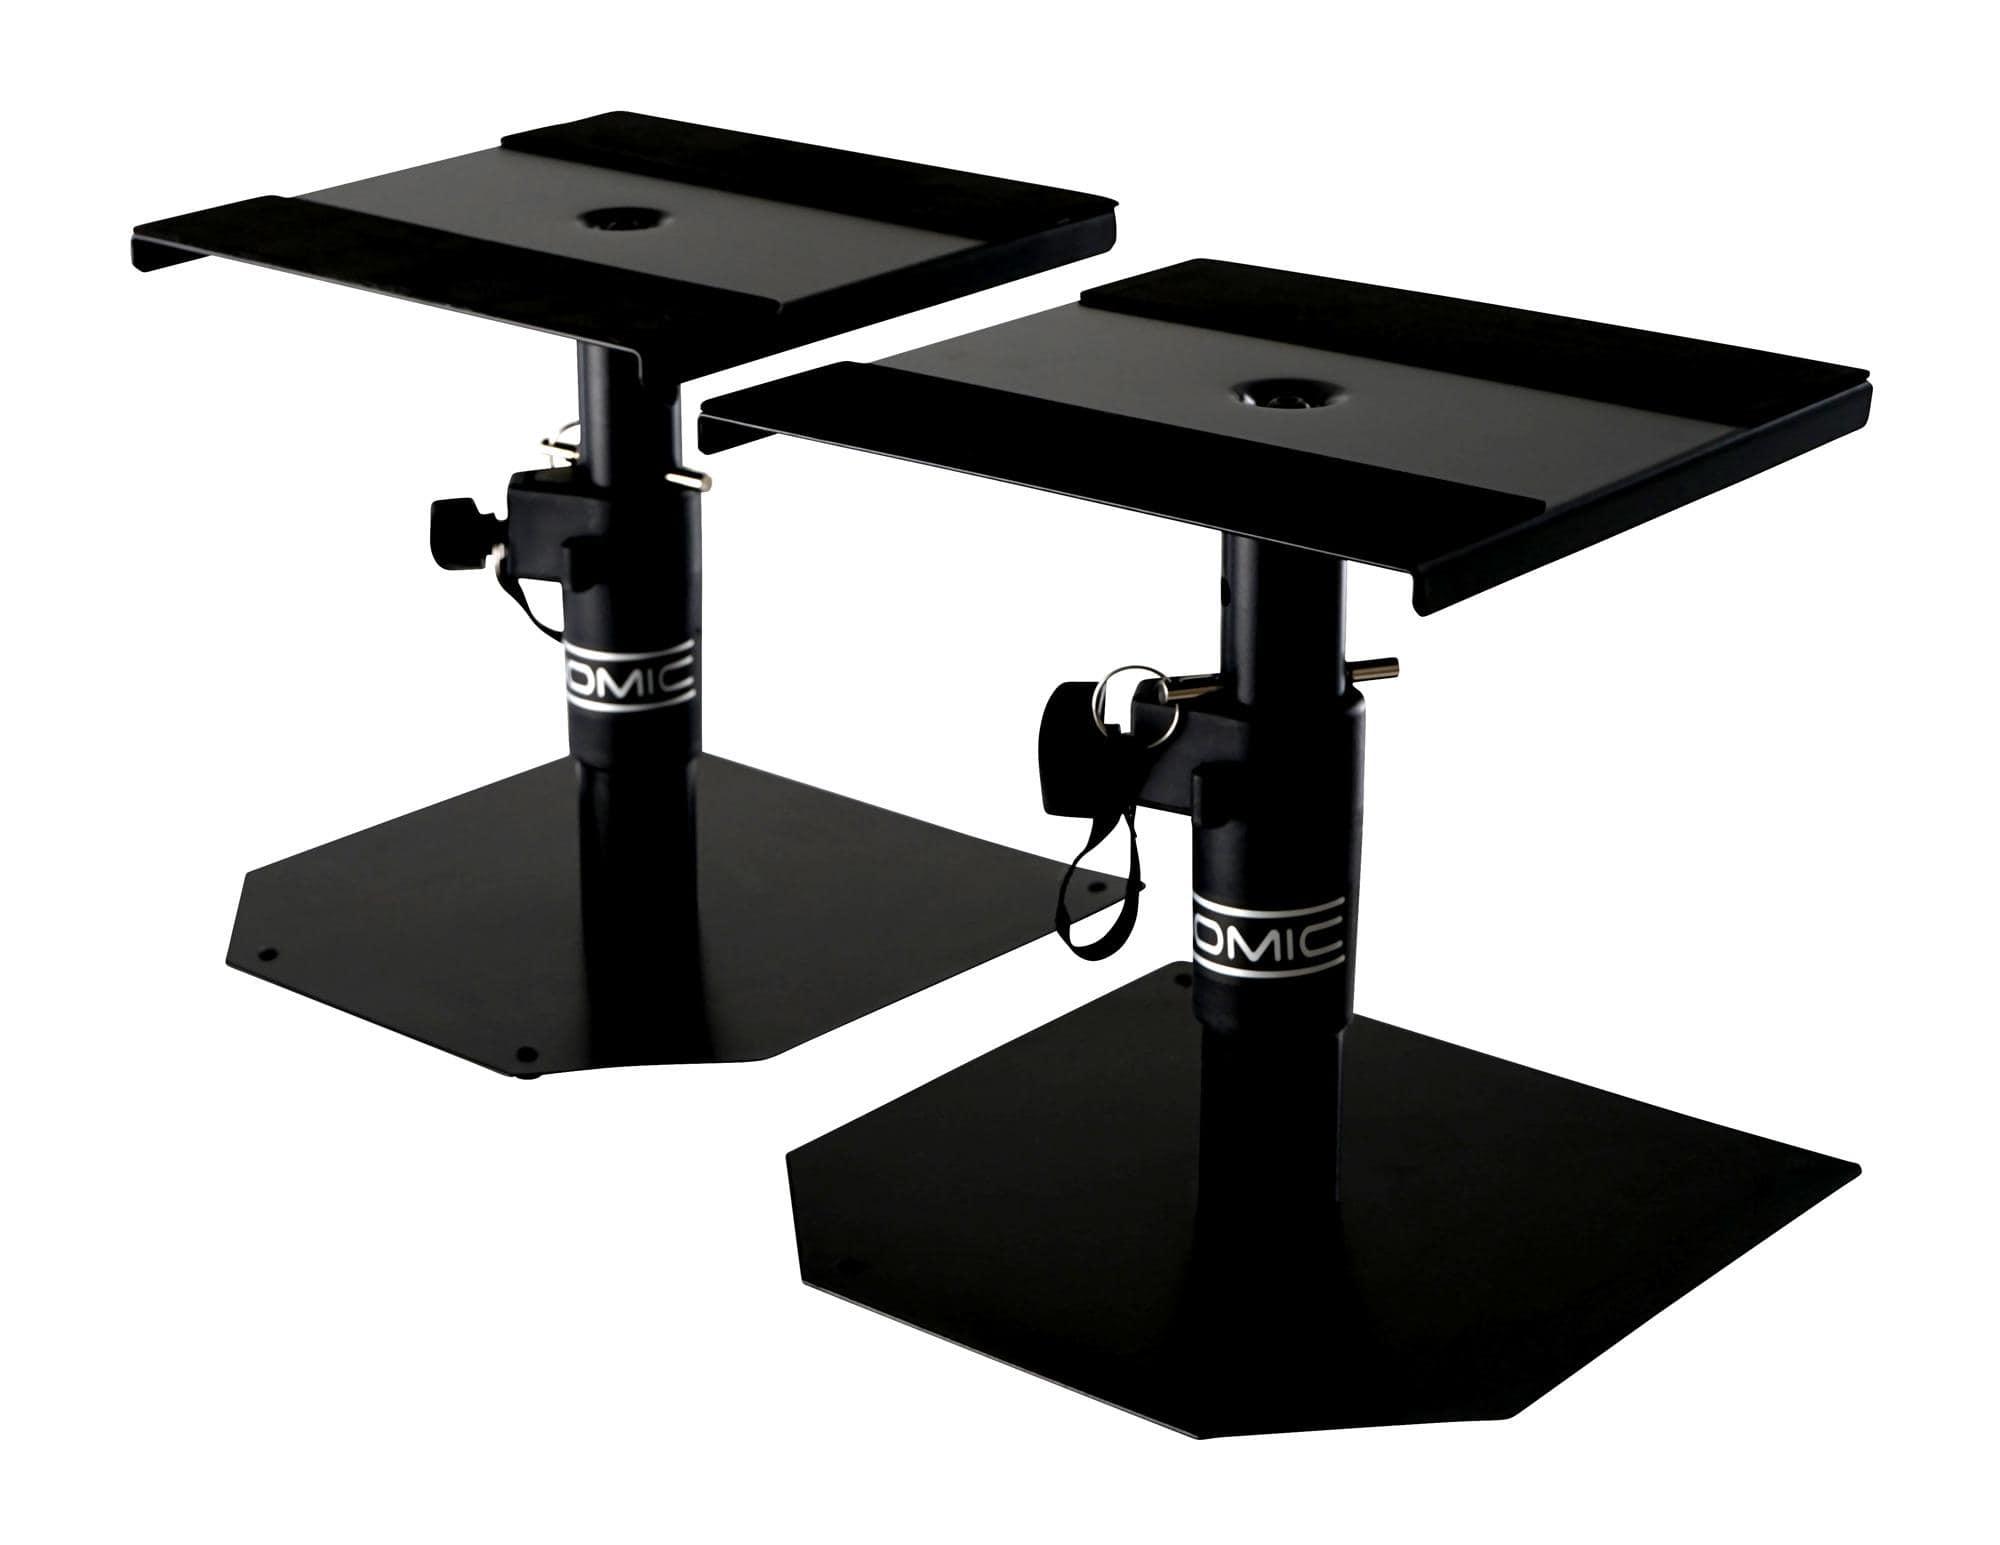 Pronomic SLS 15 Tischstative für Studio Monitore